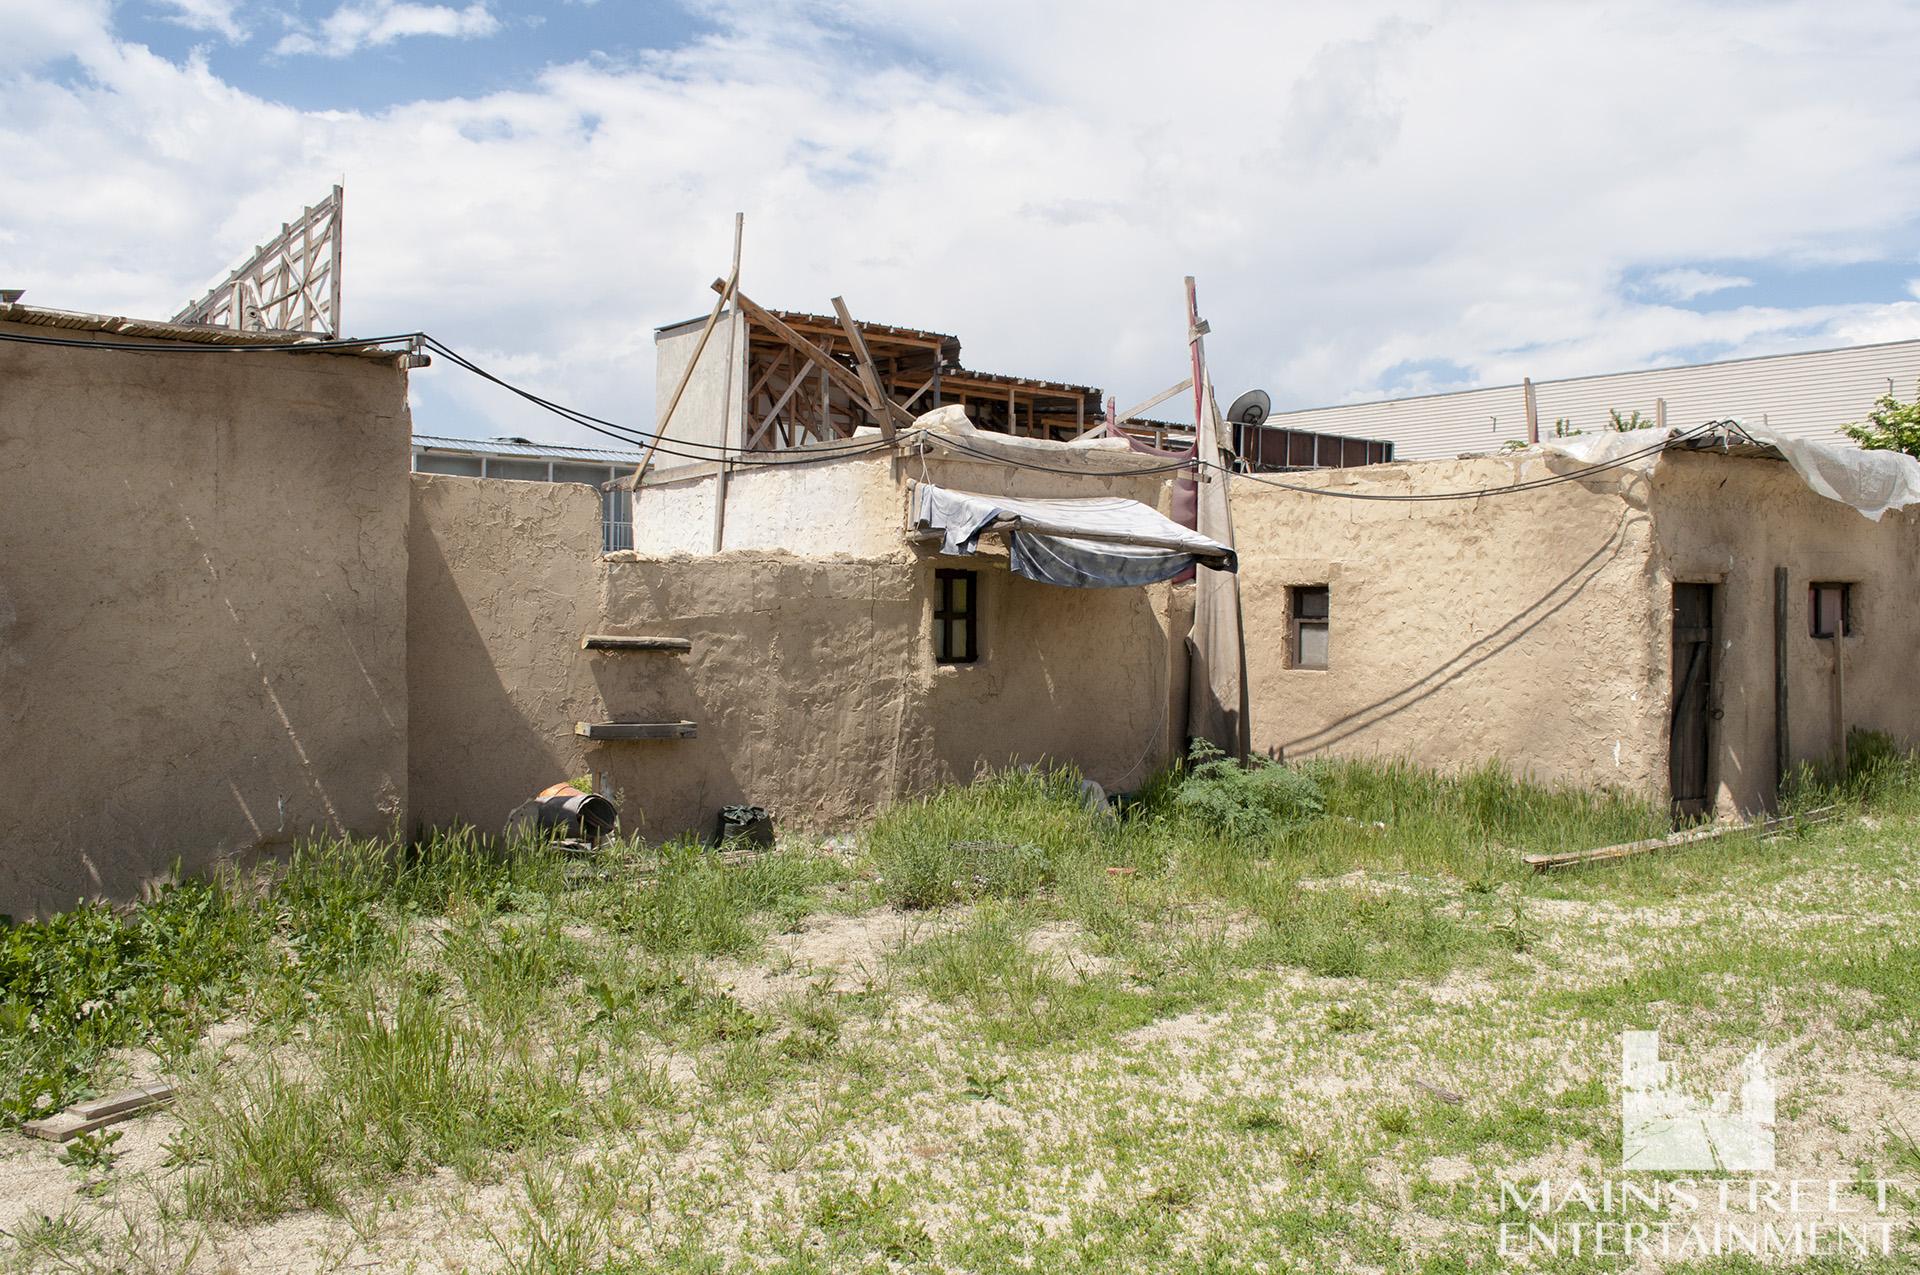 Desert village set